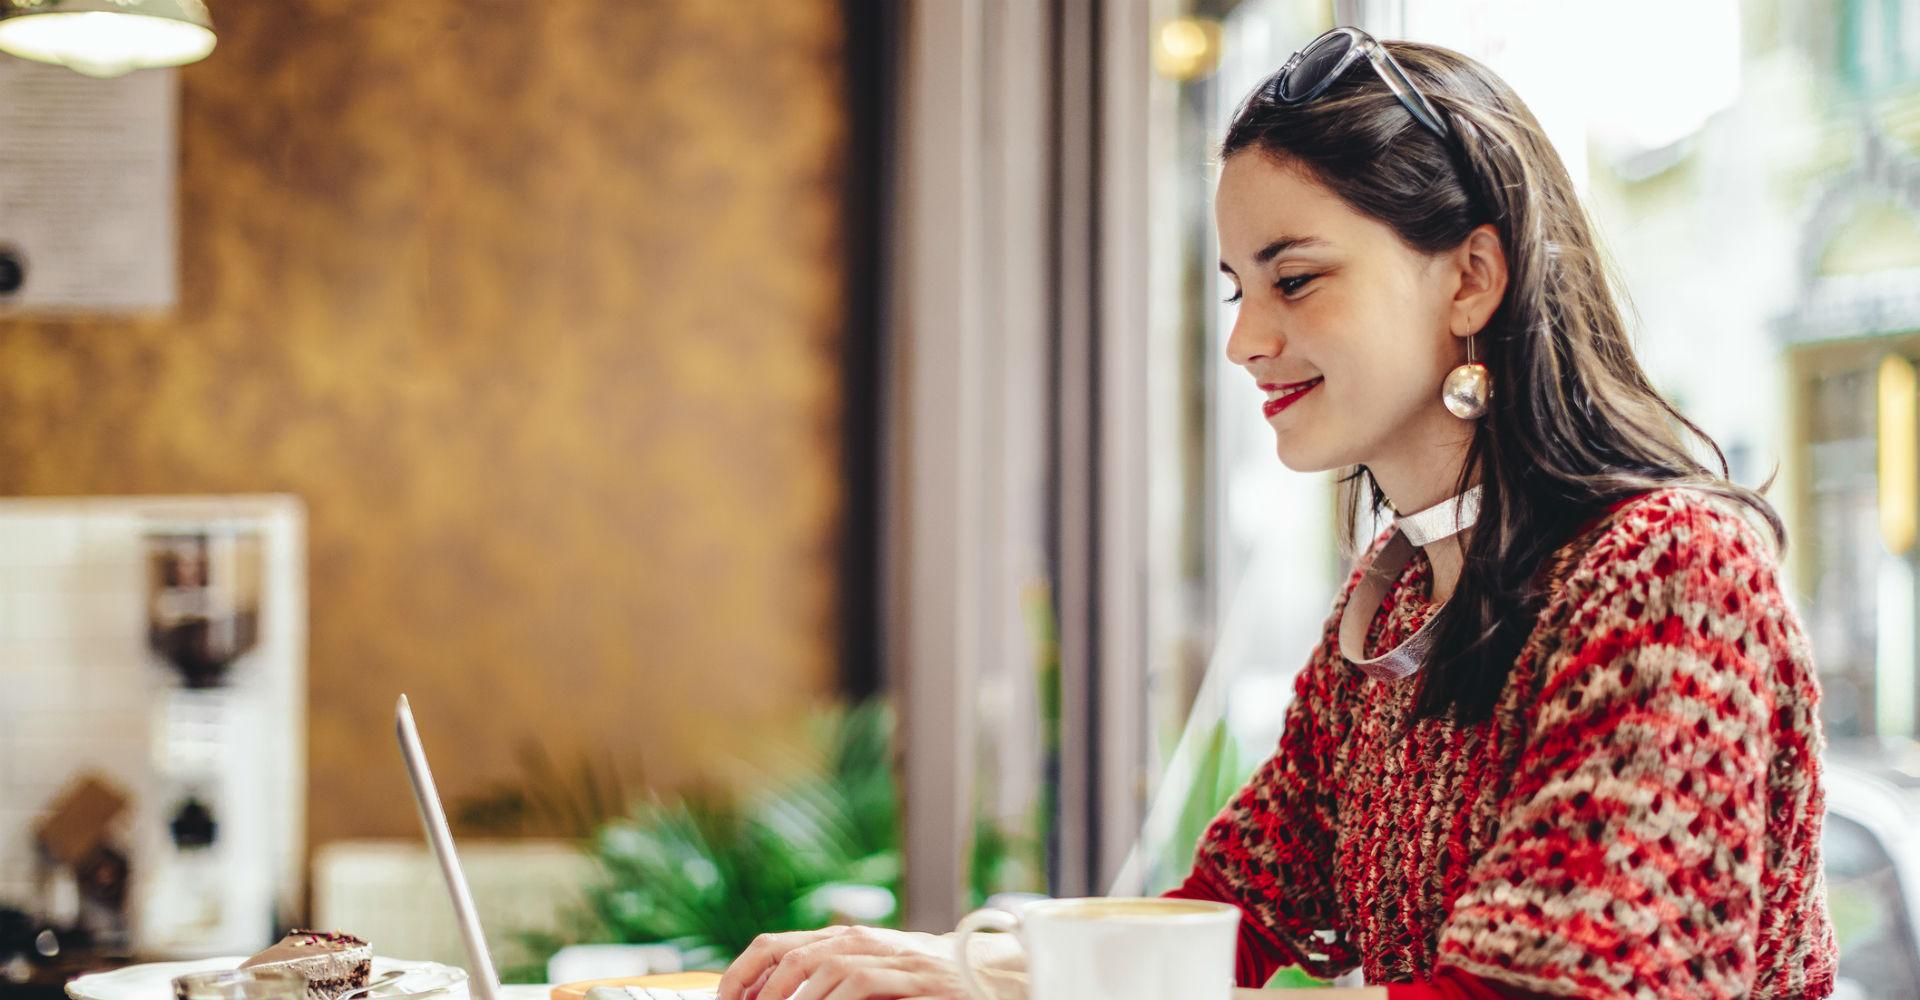 Junge Frau in roter Kleidung und Kaffee sitzt vor dem Laptop.